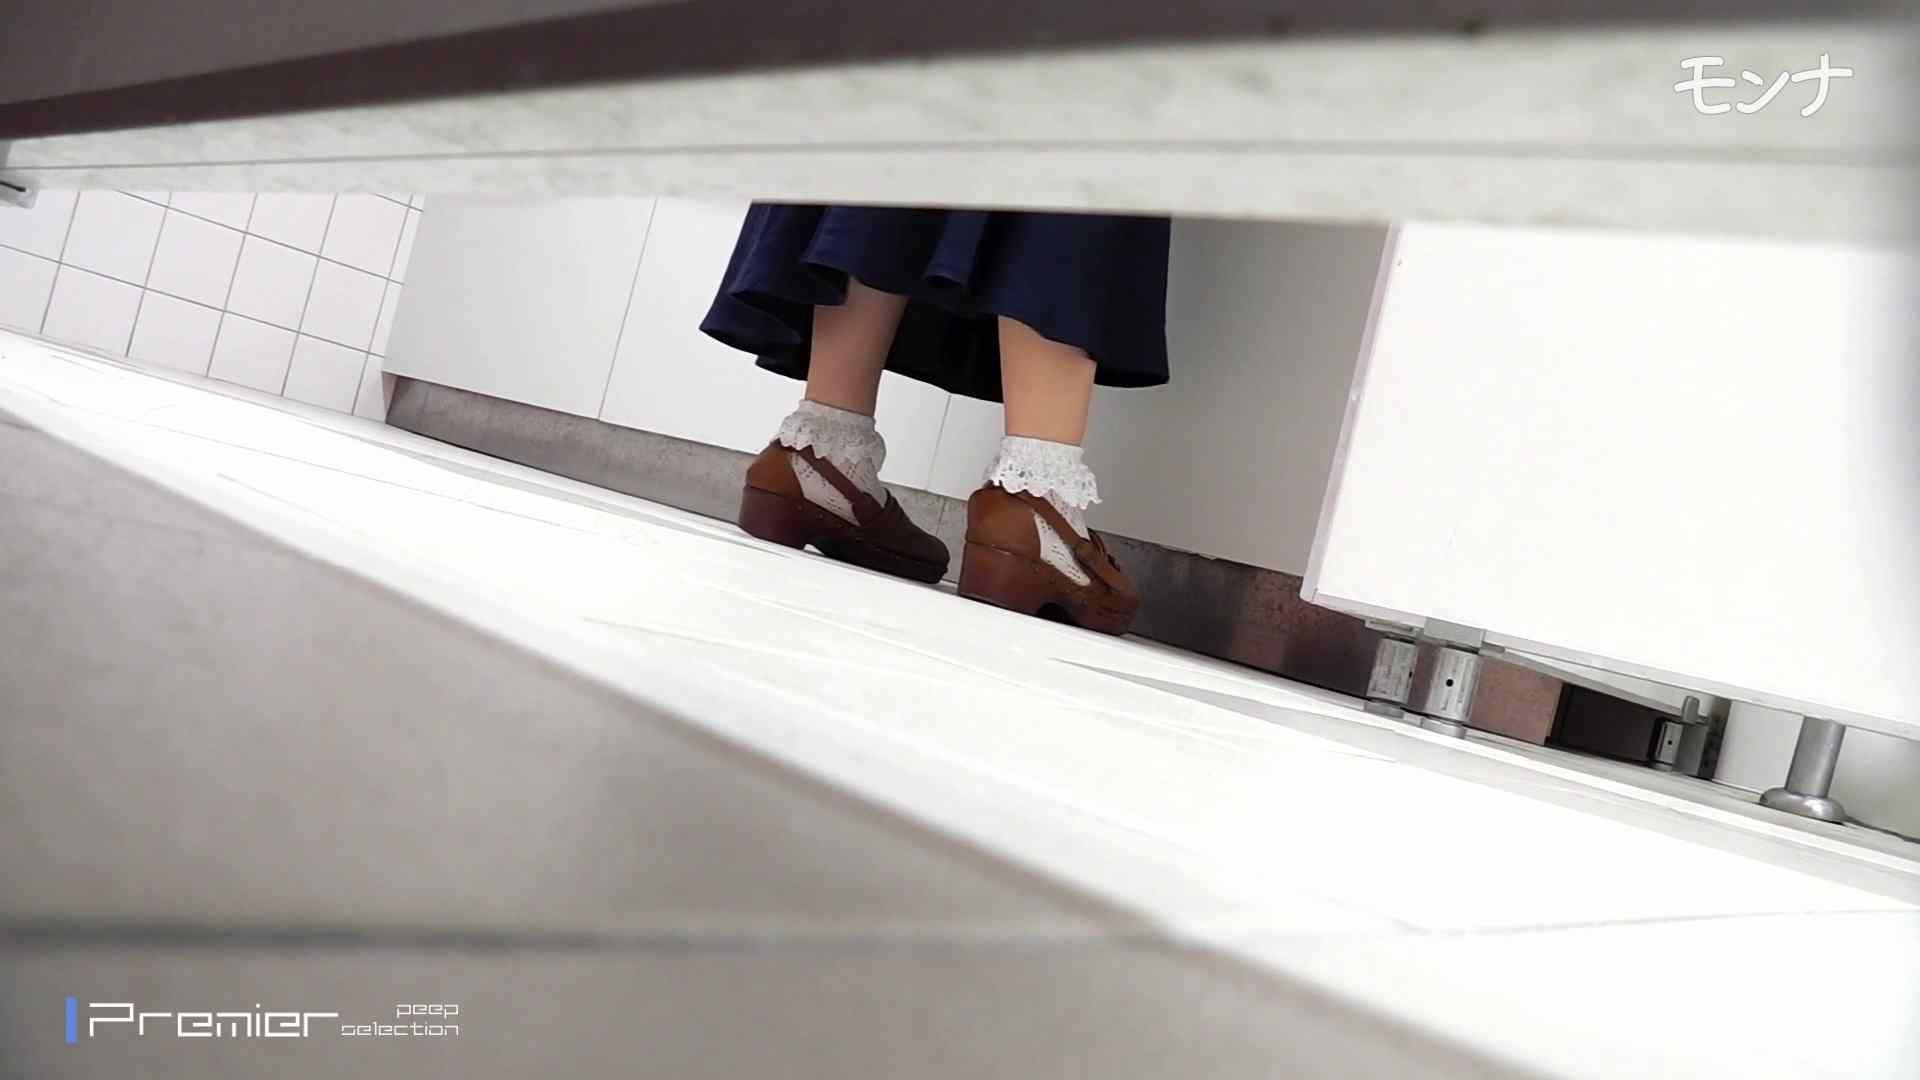 美しい日本の未来 No.55 普通の子たちの日常調長身あり マンコ オマンコ無修正動画無料 104pic 37